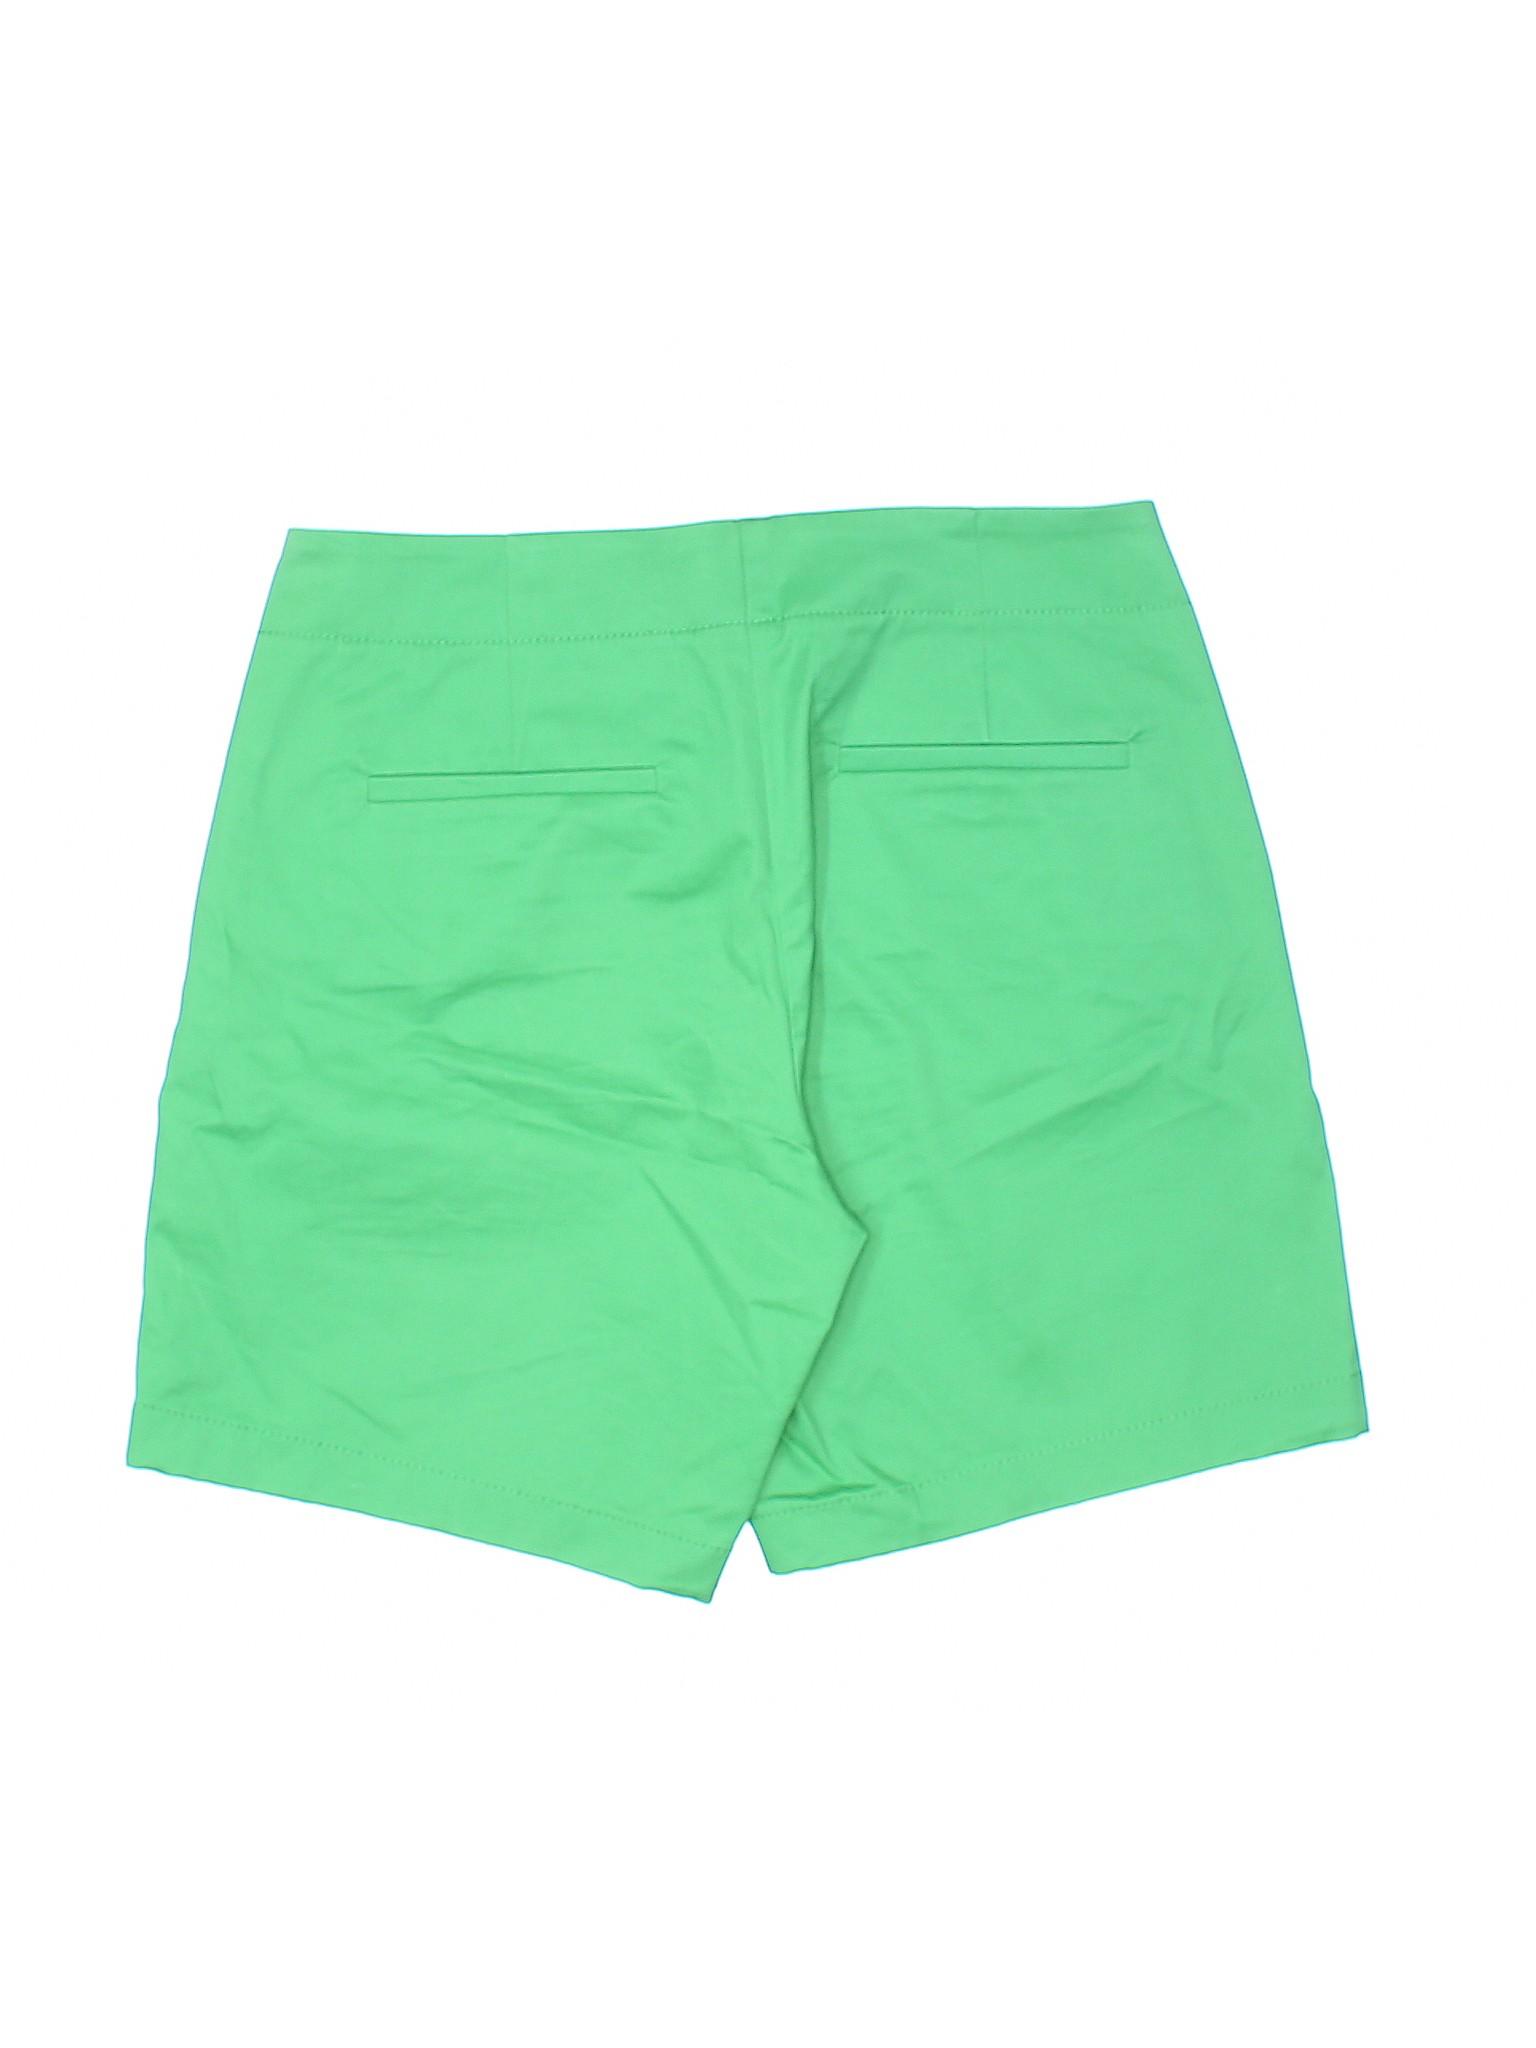 Shorts Boutique Khaki Boutique Crew Boutique Crew Shorts J Khaki J J Khaki Crew ZZqwEr7BHx